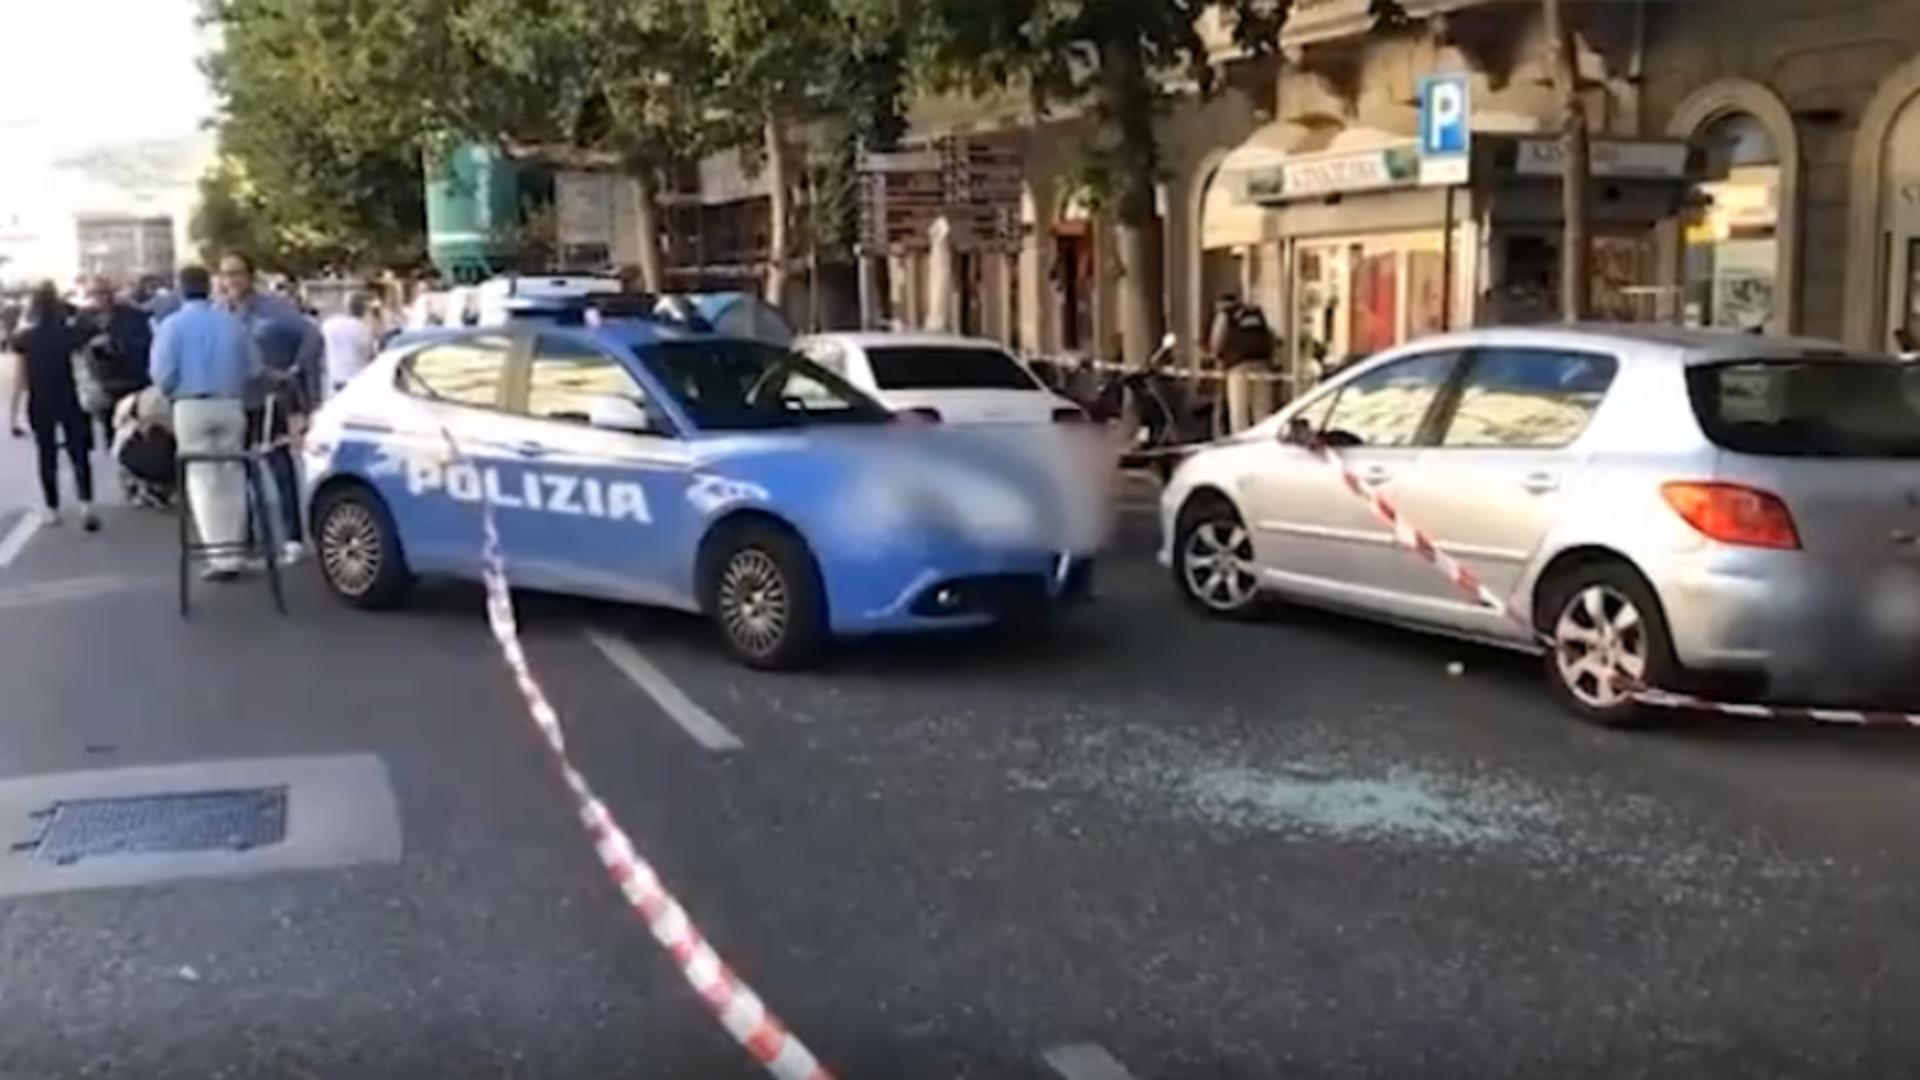 Incident armat într-un oraș din Italia/ Captură foto